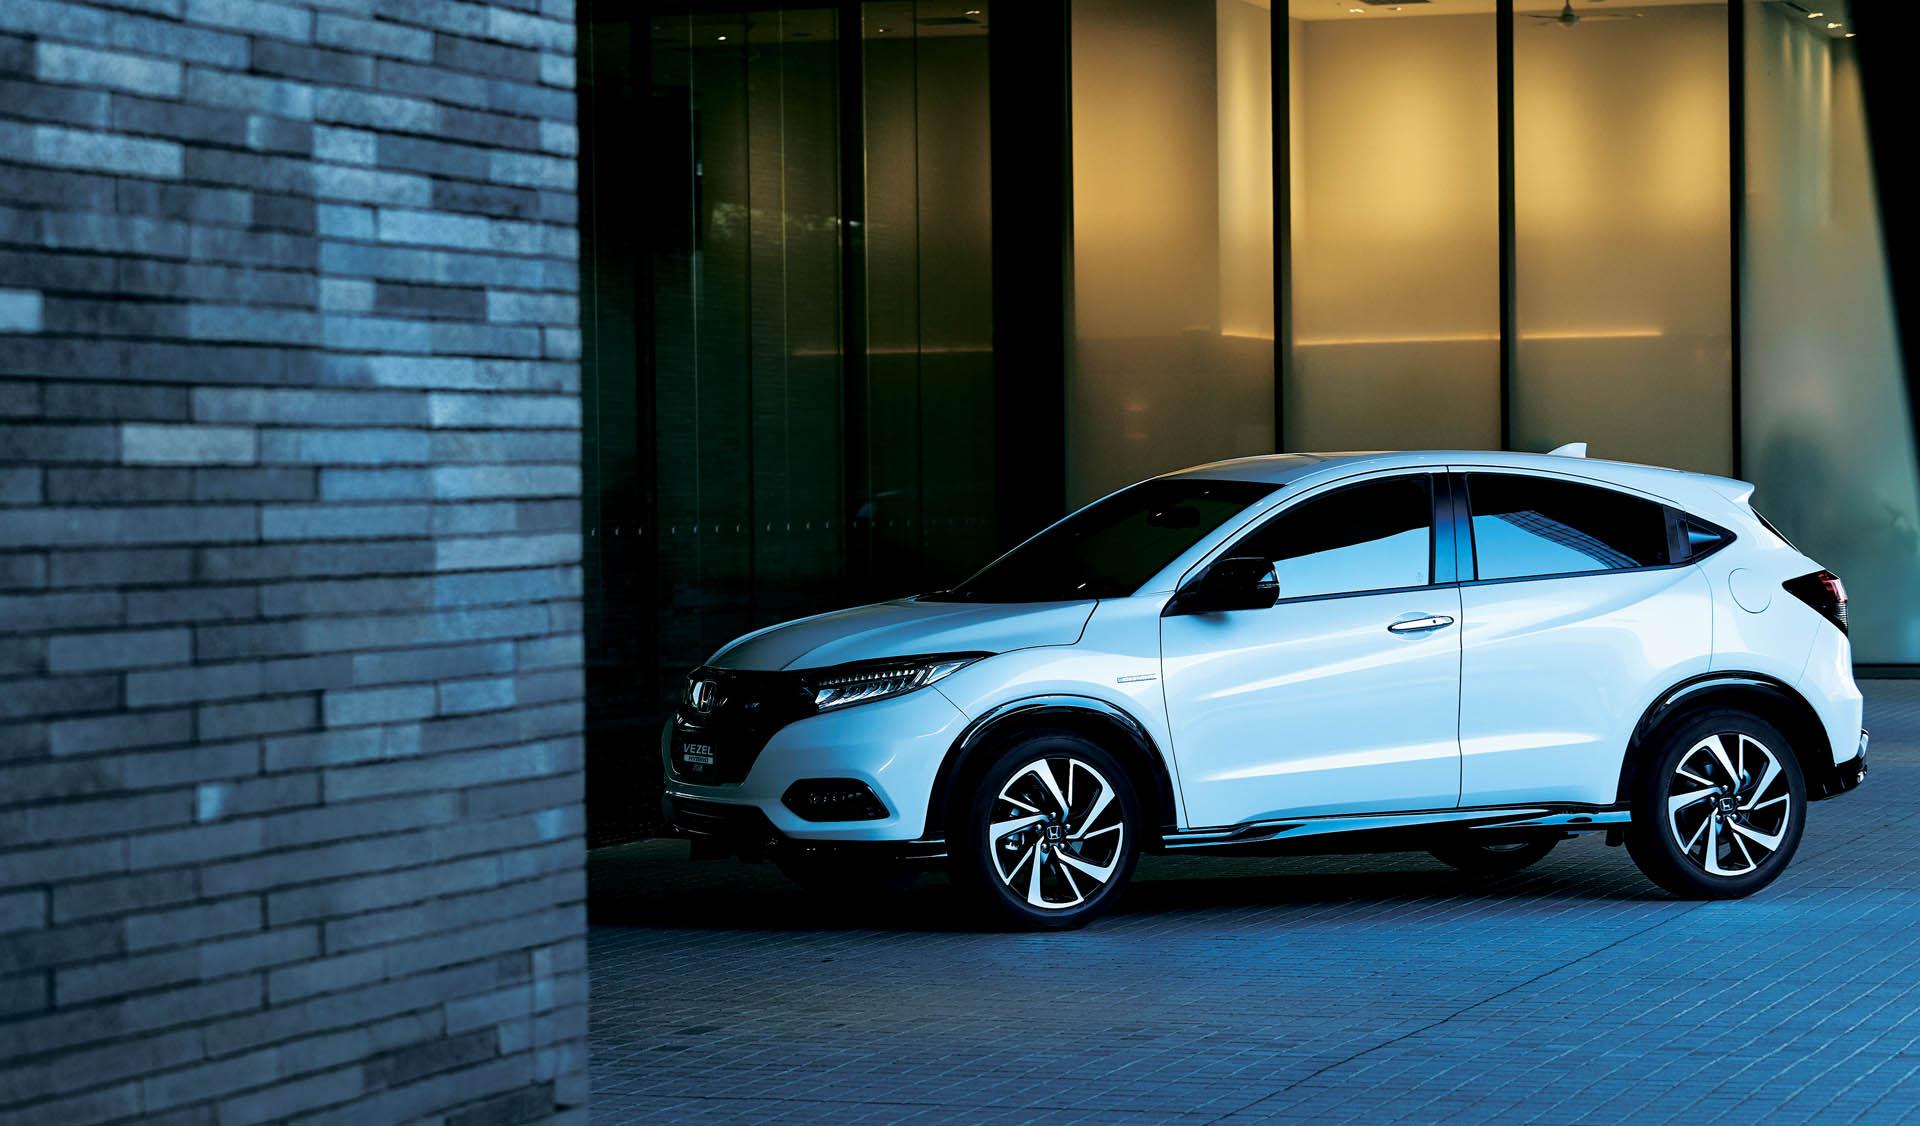 2018_Honda_Vezel_facelift_0021